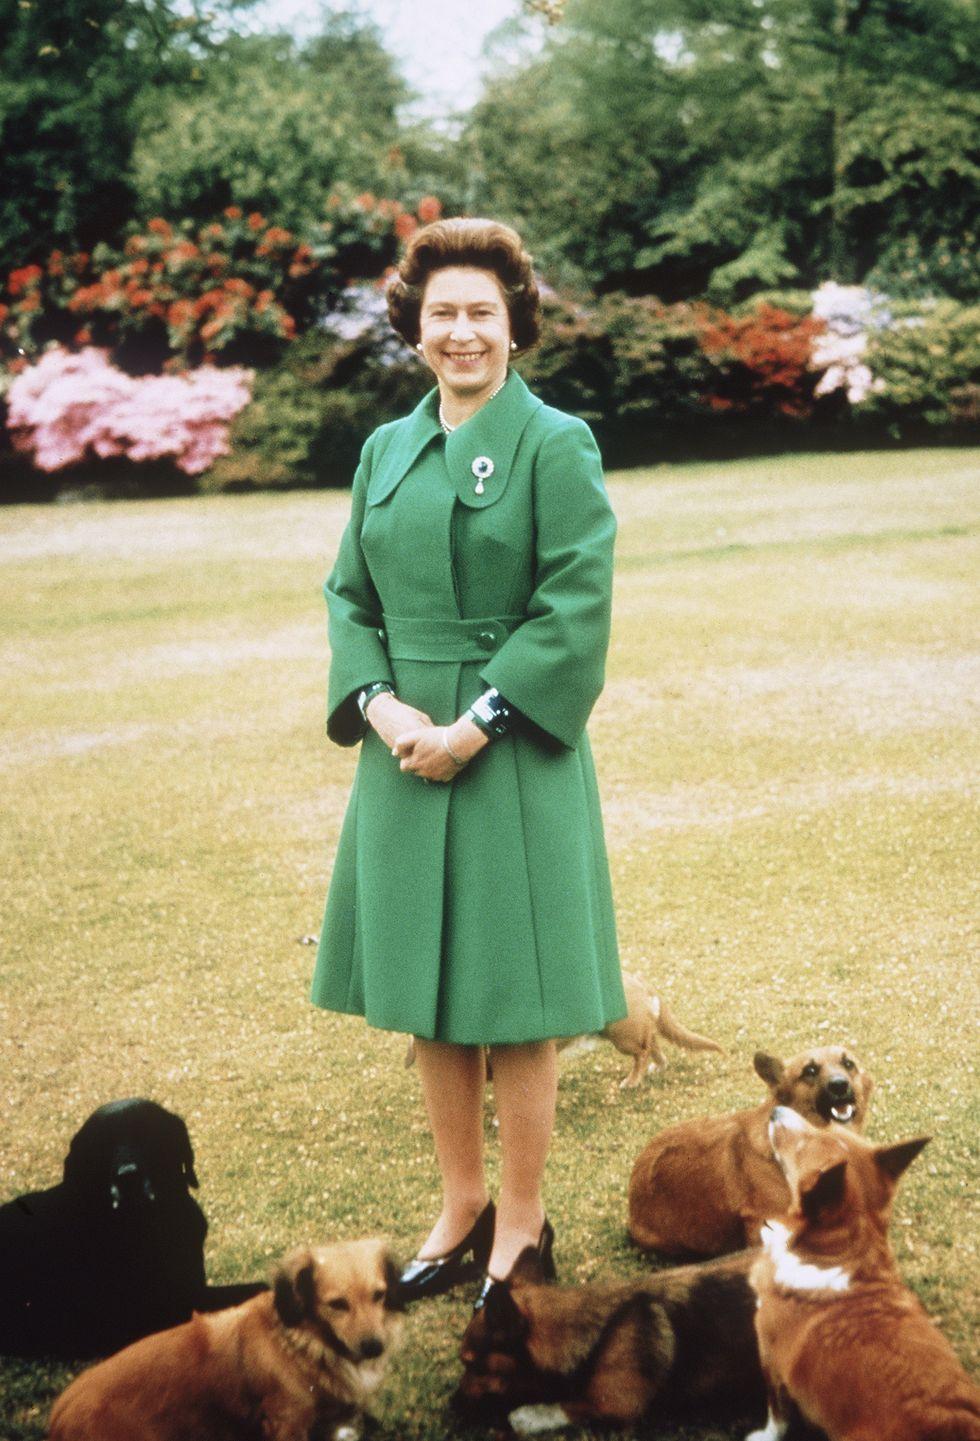 Bí mật váy áo của Nữ hoàng Anh suốt 100 năm vừa mới được tiết lộ: Không phải các nguyên tắc mà ở chi tiết nhỏ xíu 1 bên vai-4